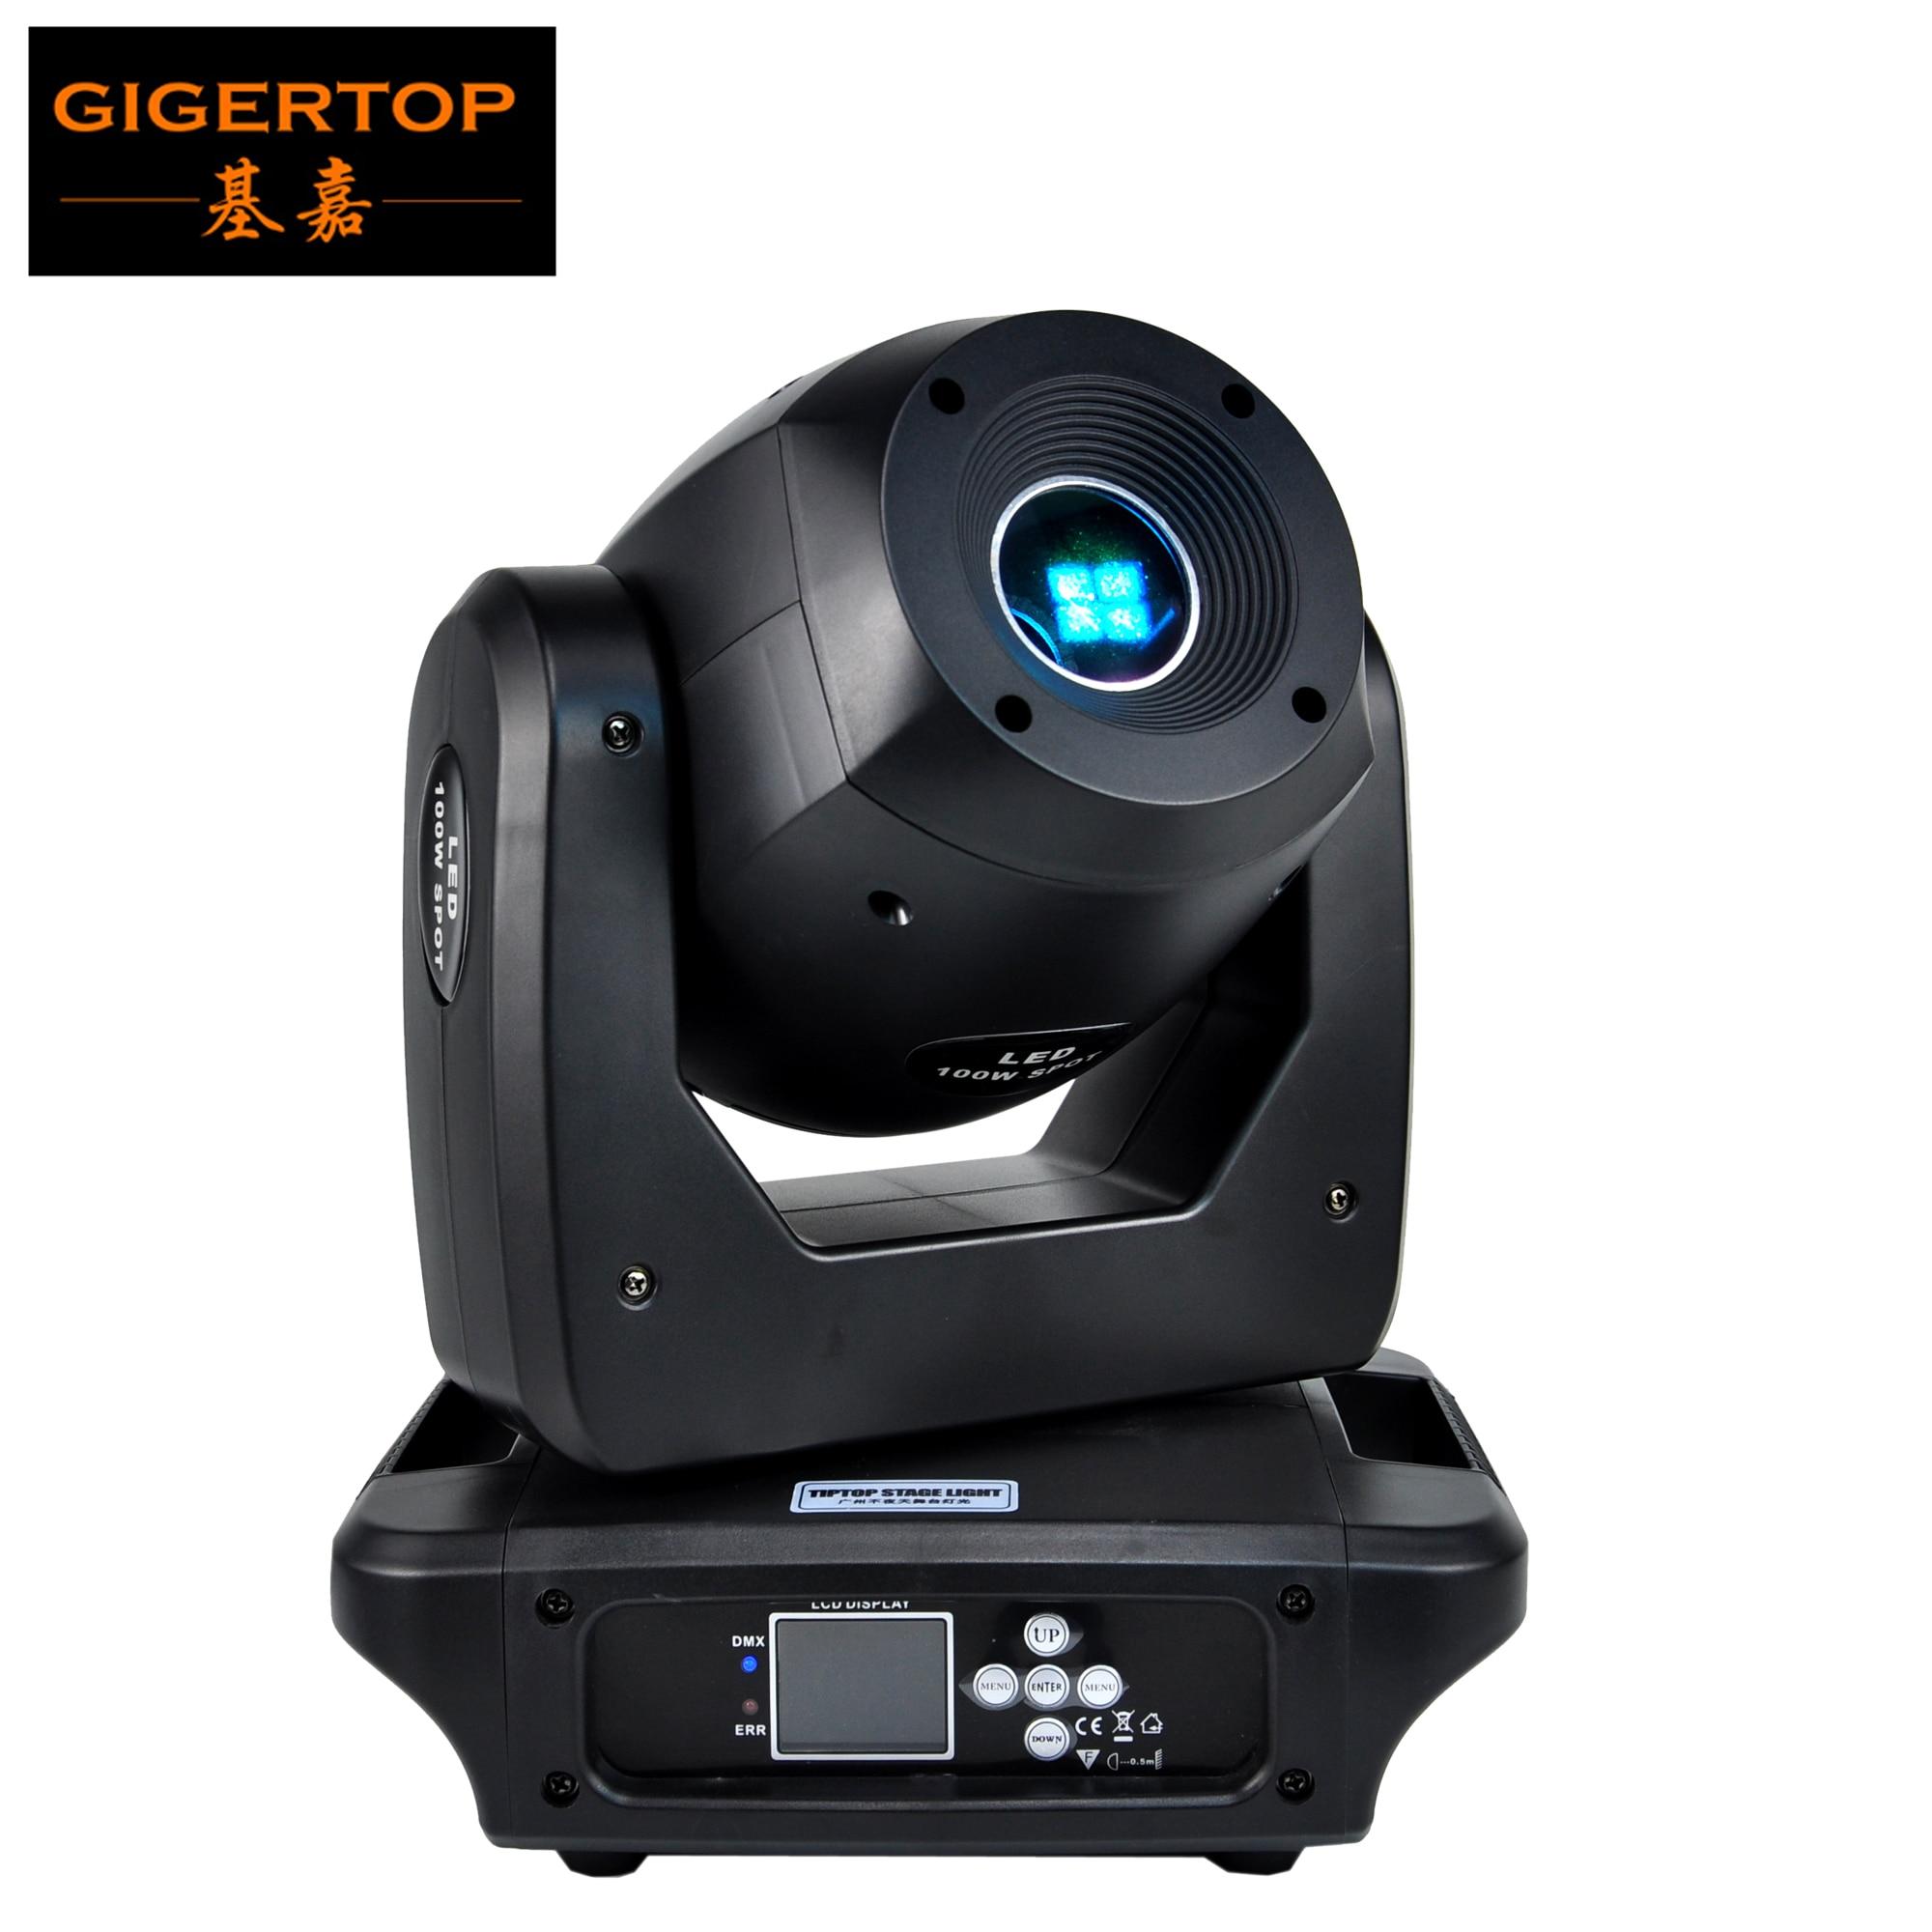 Светодиодный прожектор TIPTOP 100 Вт с движущейся головкой, клубный диджейский сценический светильник, вечерние дискотеки DMX, 14 каналов, CE ROHS RDM,